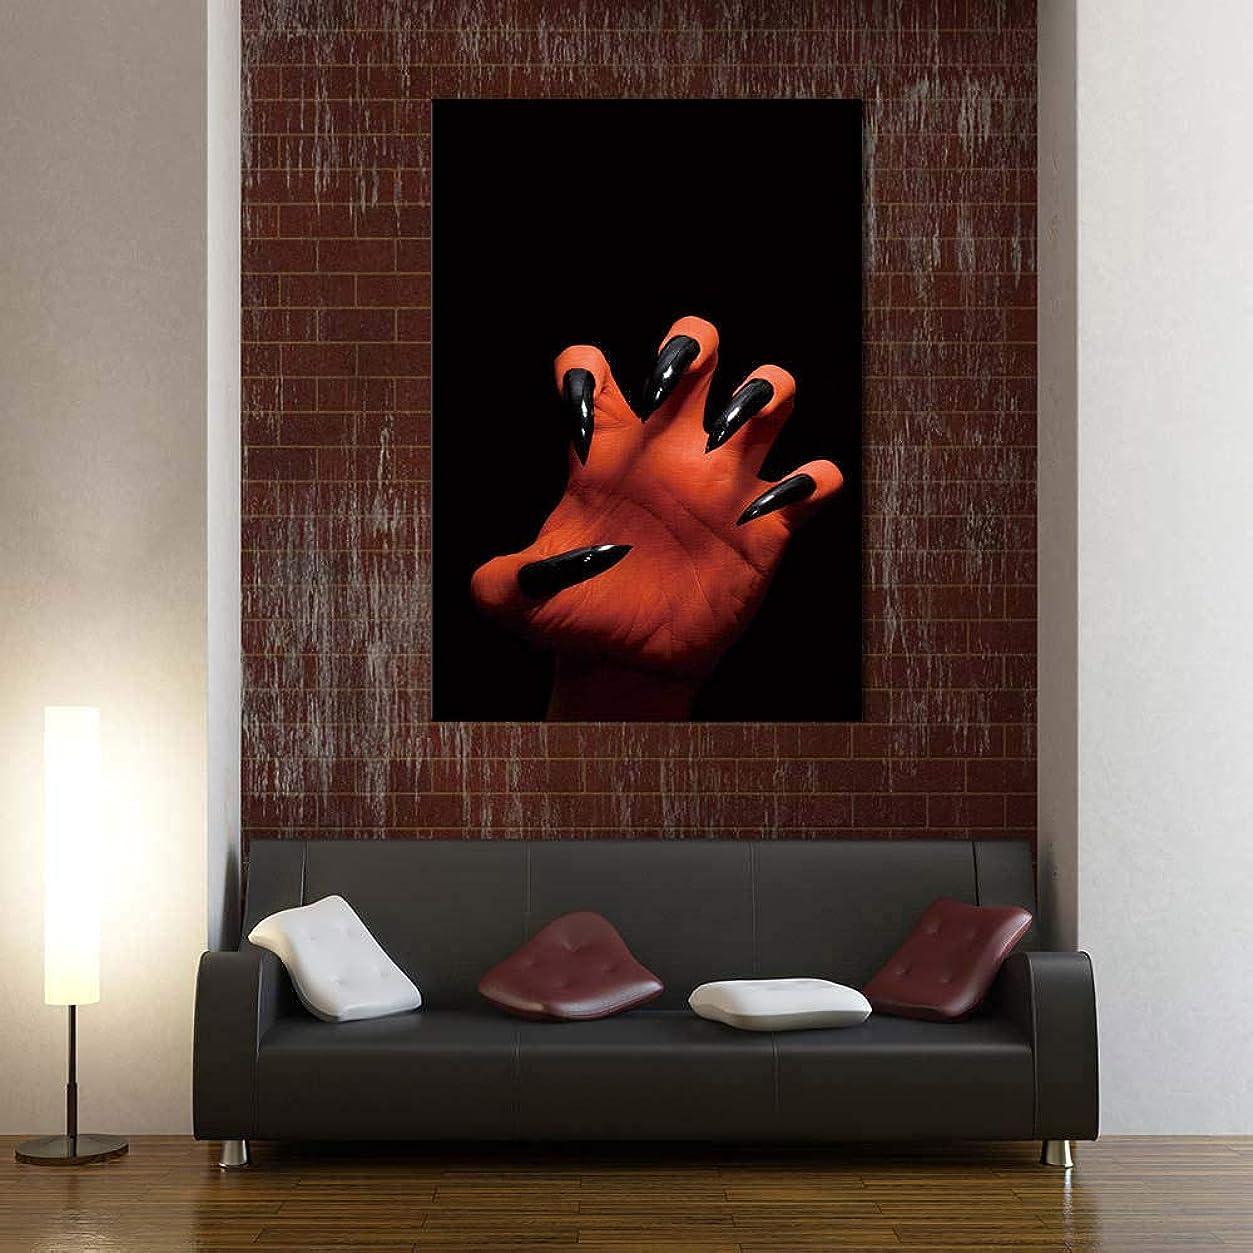 不実同情的回答ハロウィーンのポスタープリントホラーキャンバス壁アート写真怖い頭蓋骨燃焼キャンドルキャンバス絵画リビングルームモダンな家の装飾40×60cmフレームレス JKG-308-WKAQM